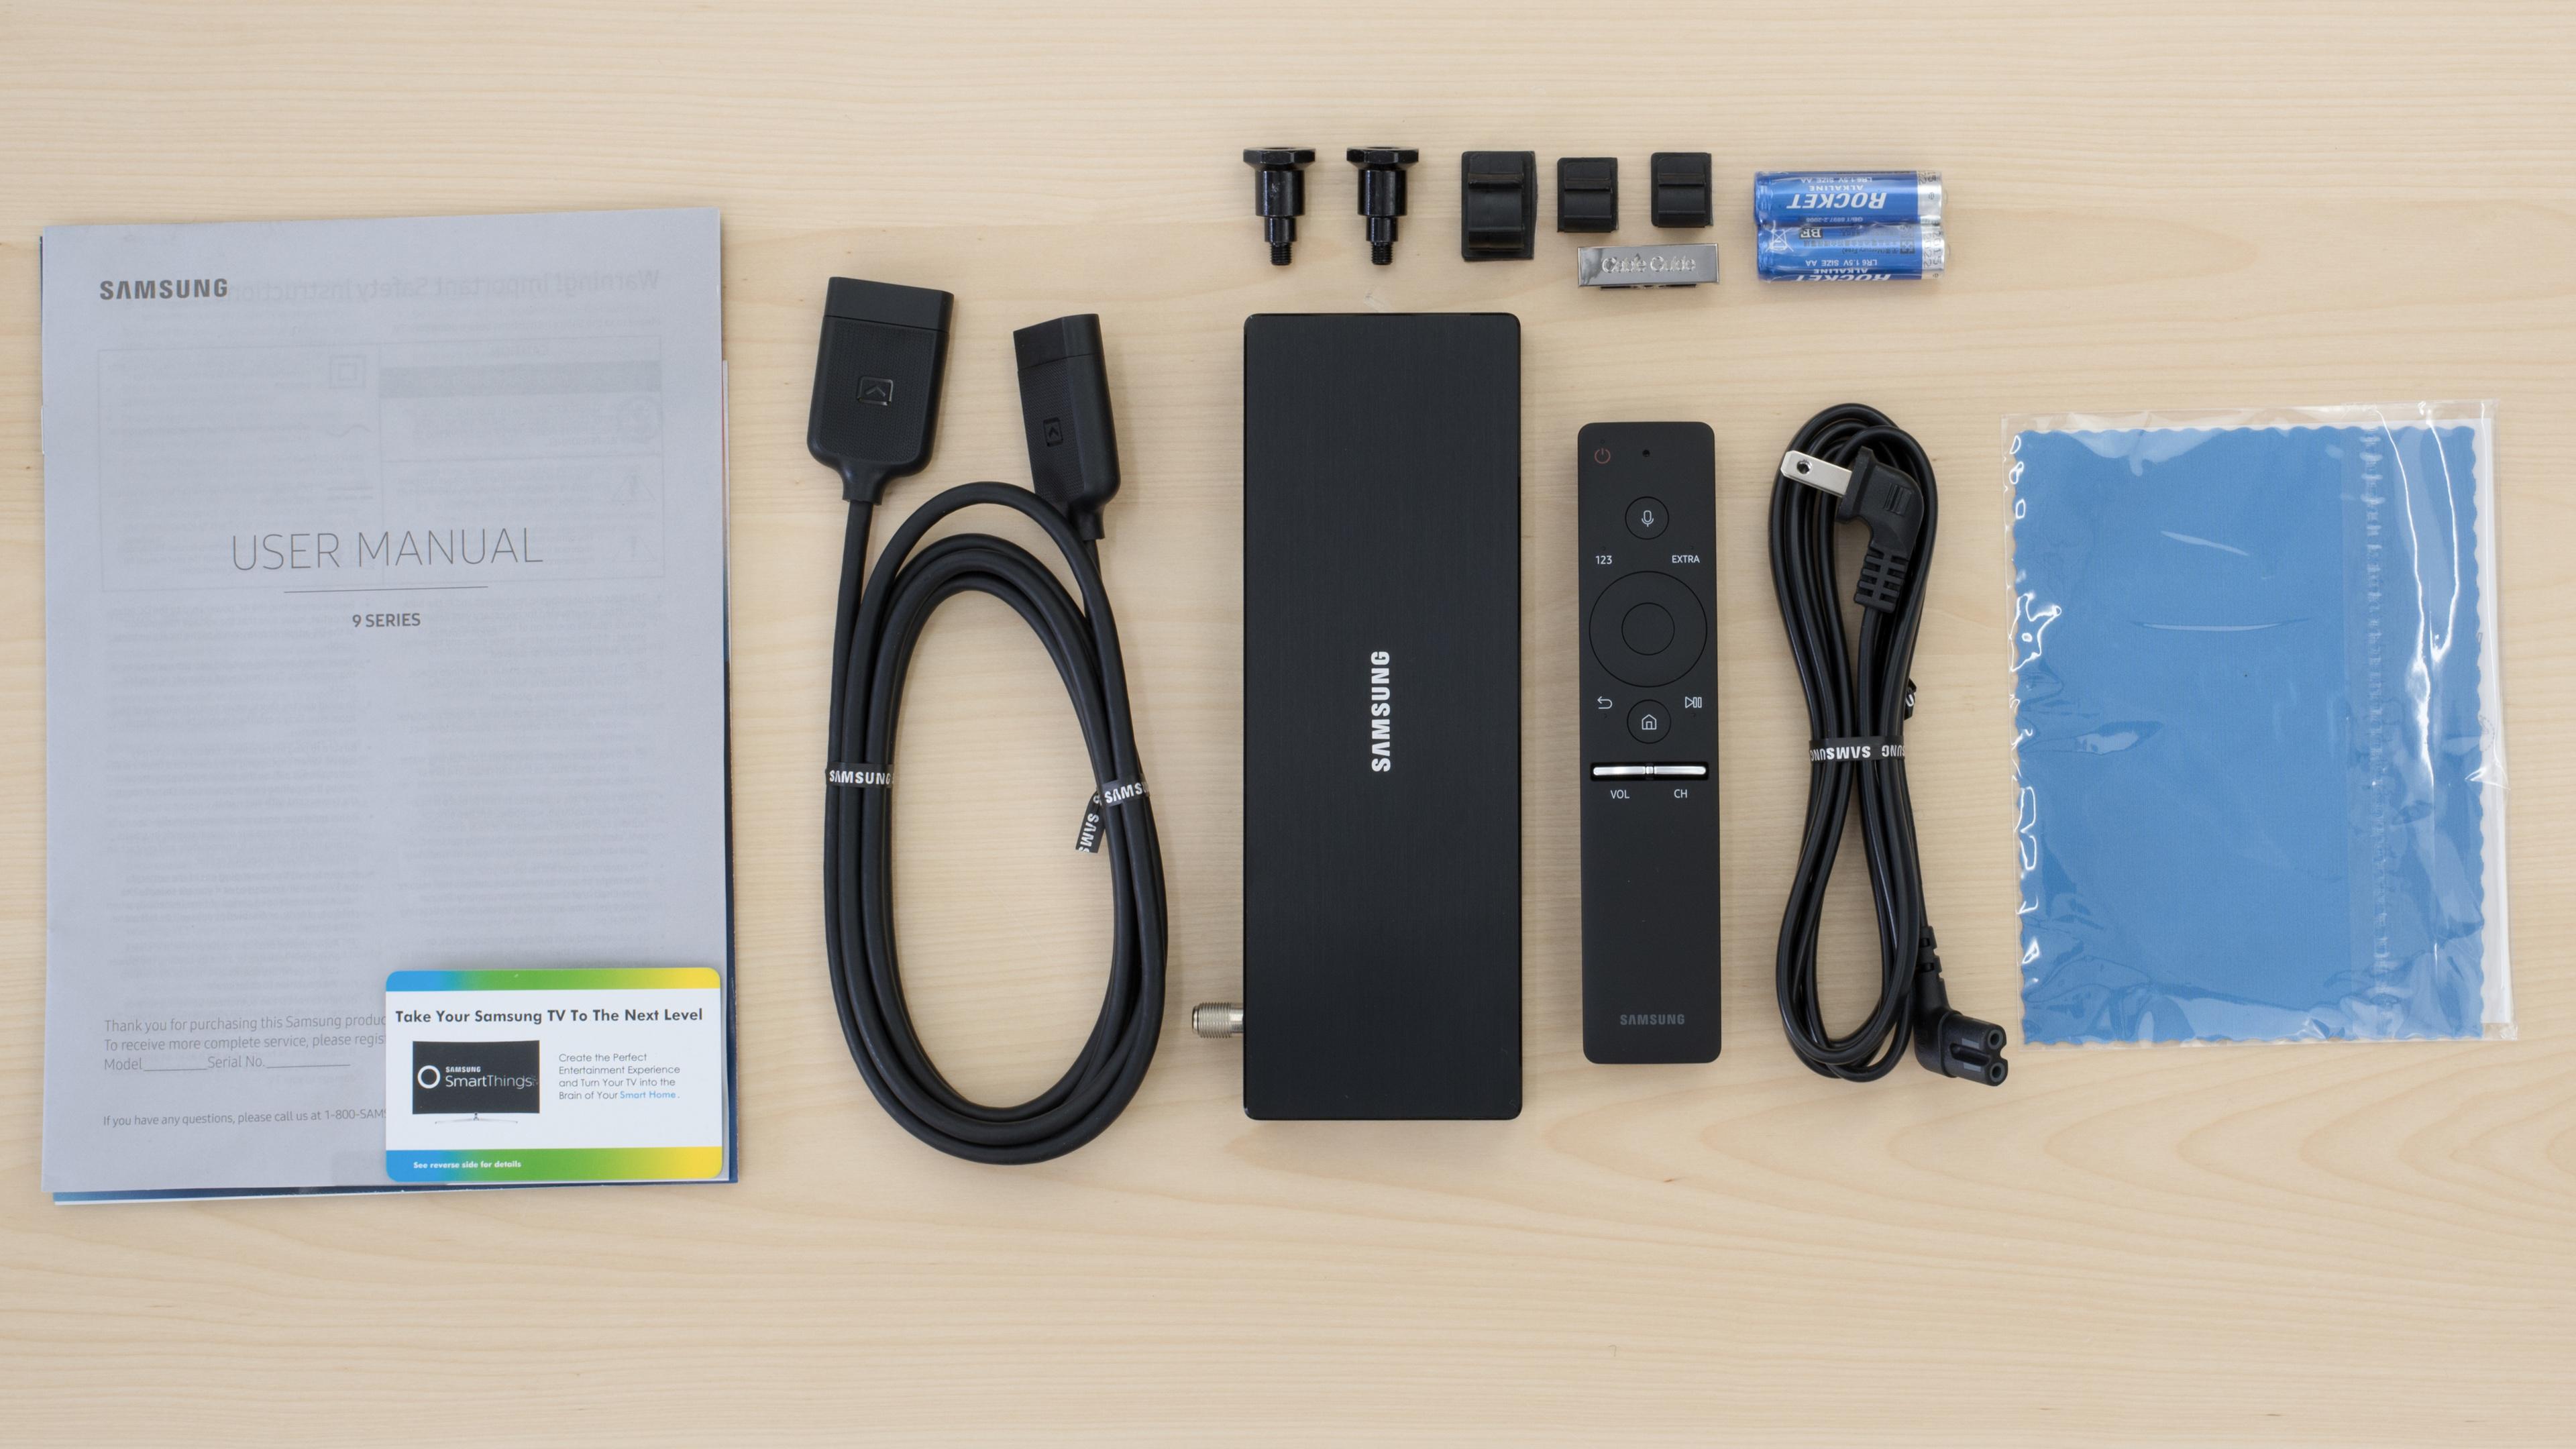 Samsung Ks9000 Review Un55ks9000 Un65ks9000 Un75ks9000